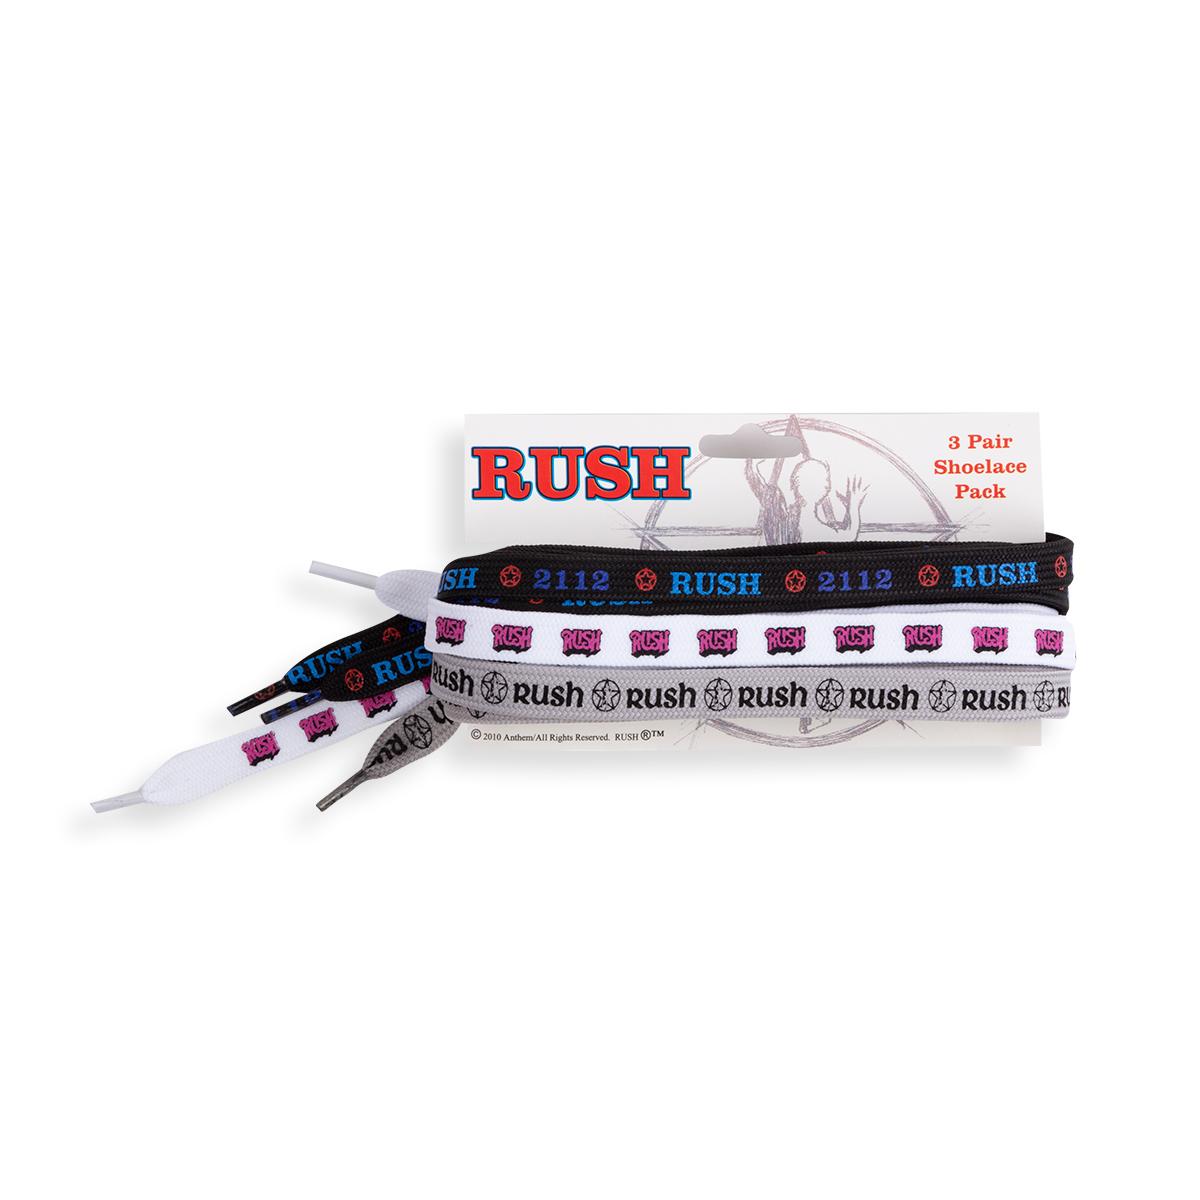 Rush Shoelaces long